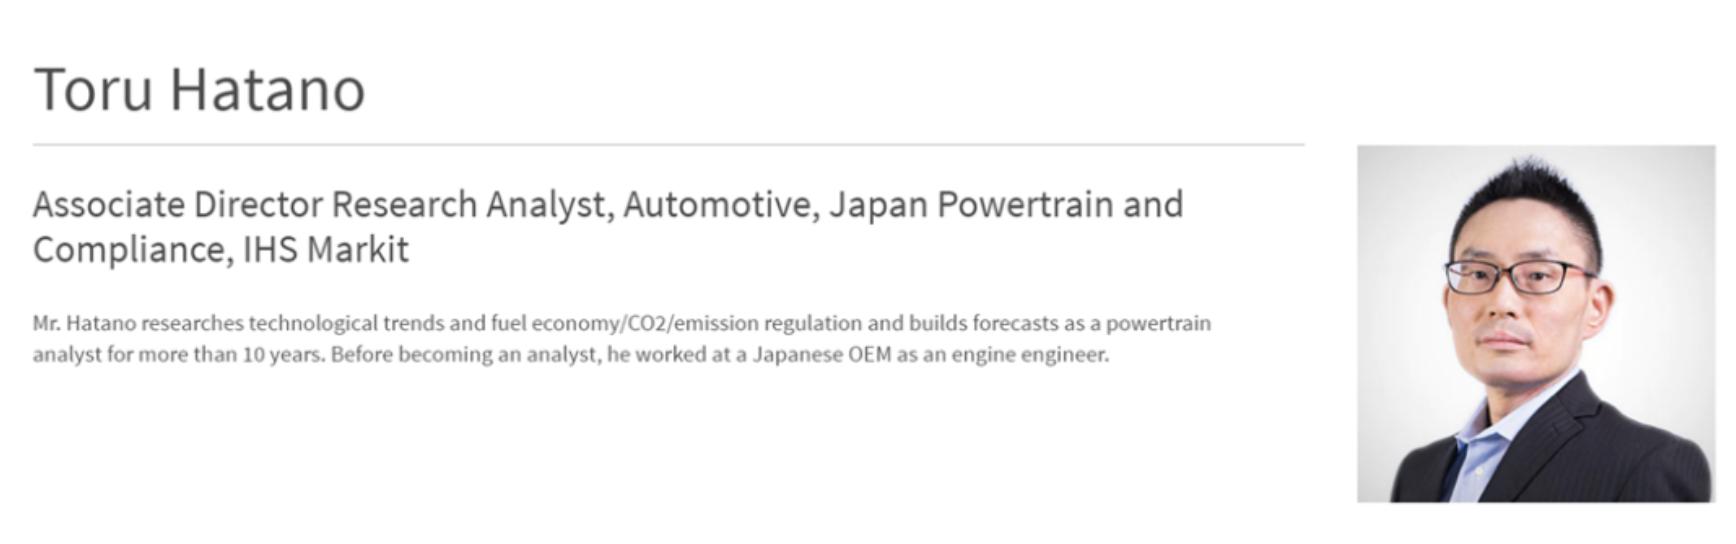 [IEB AutoTech專家觀點連載-1] 2030年代實現100%電動化路徑